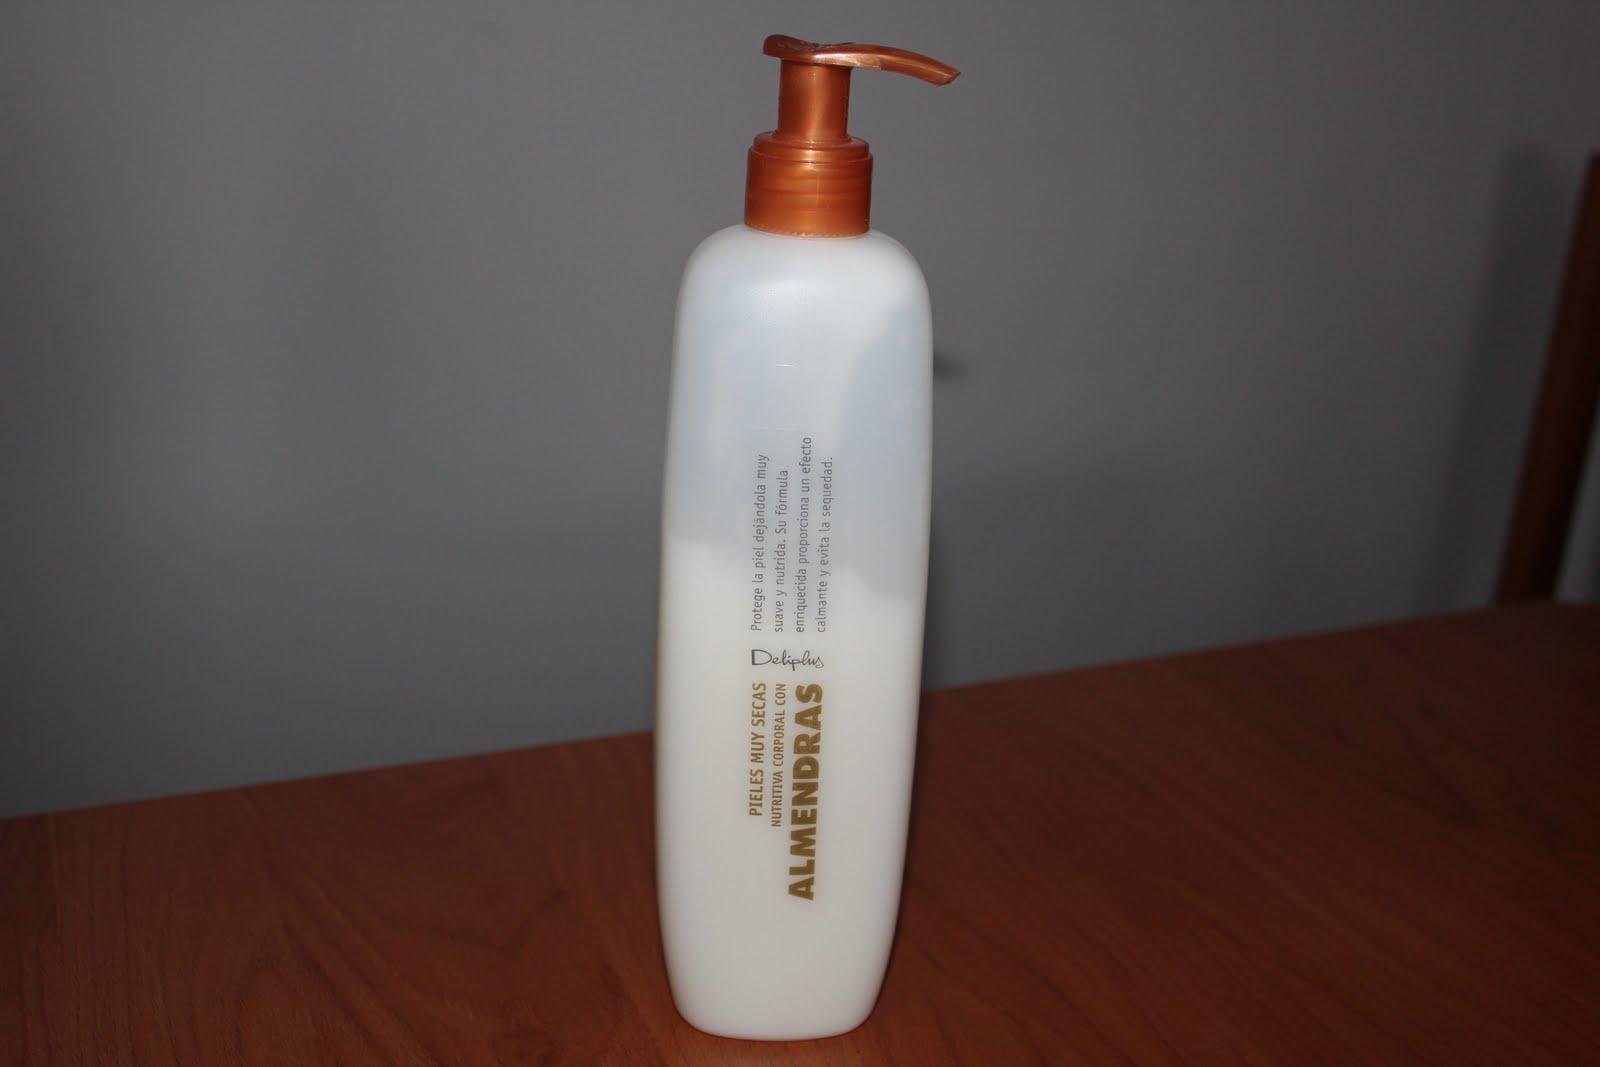 Mercadona retira 11 cosméticos Deliplus y Solcare por contener ingredientes no c-http://1.bp.blogspot.com/-hszzX-J0PAs/TbBtai8g5mI/AAAAAAAAAA8/isCkD98PUuA/s1600/IMG_0189.JPG